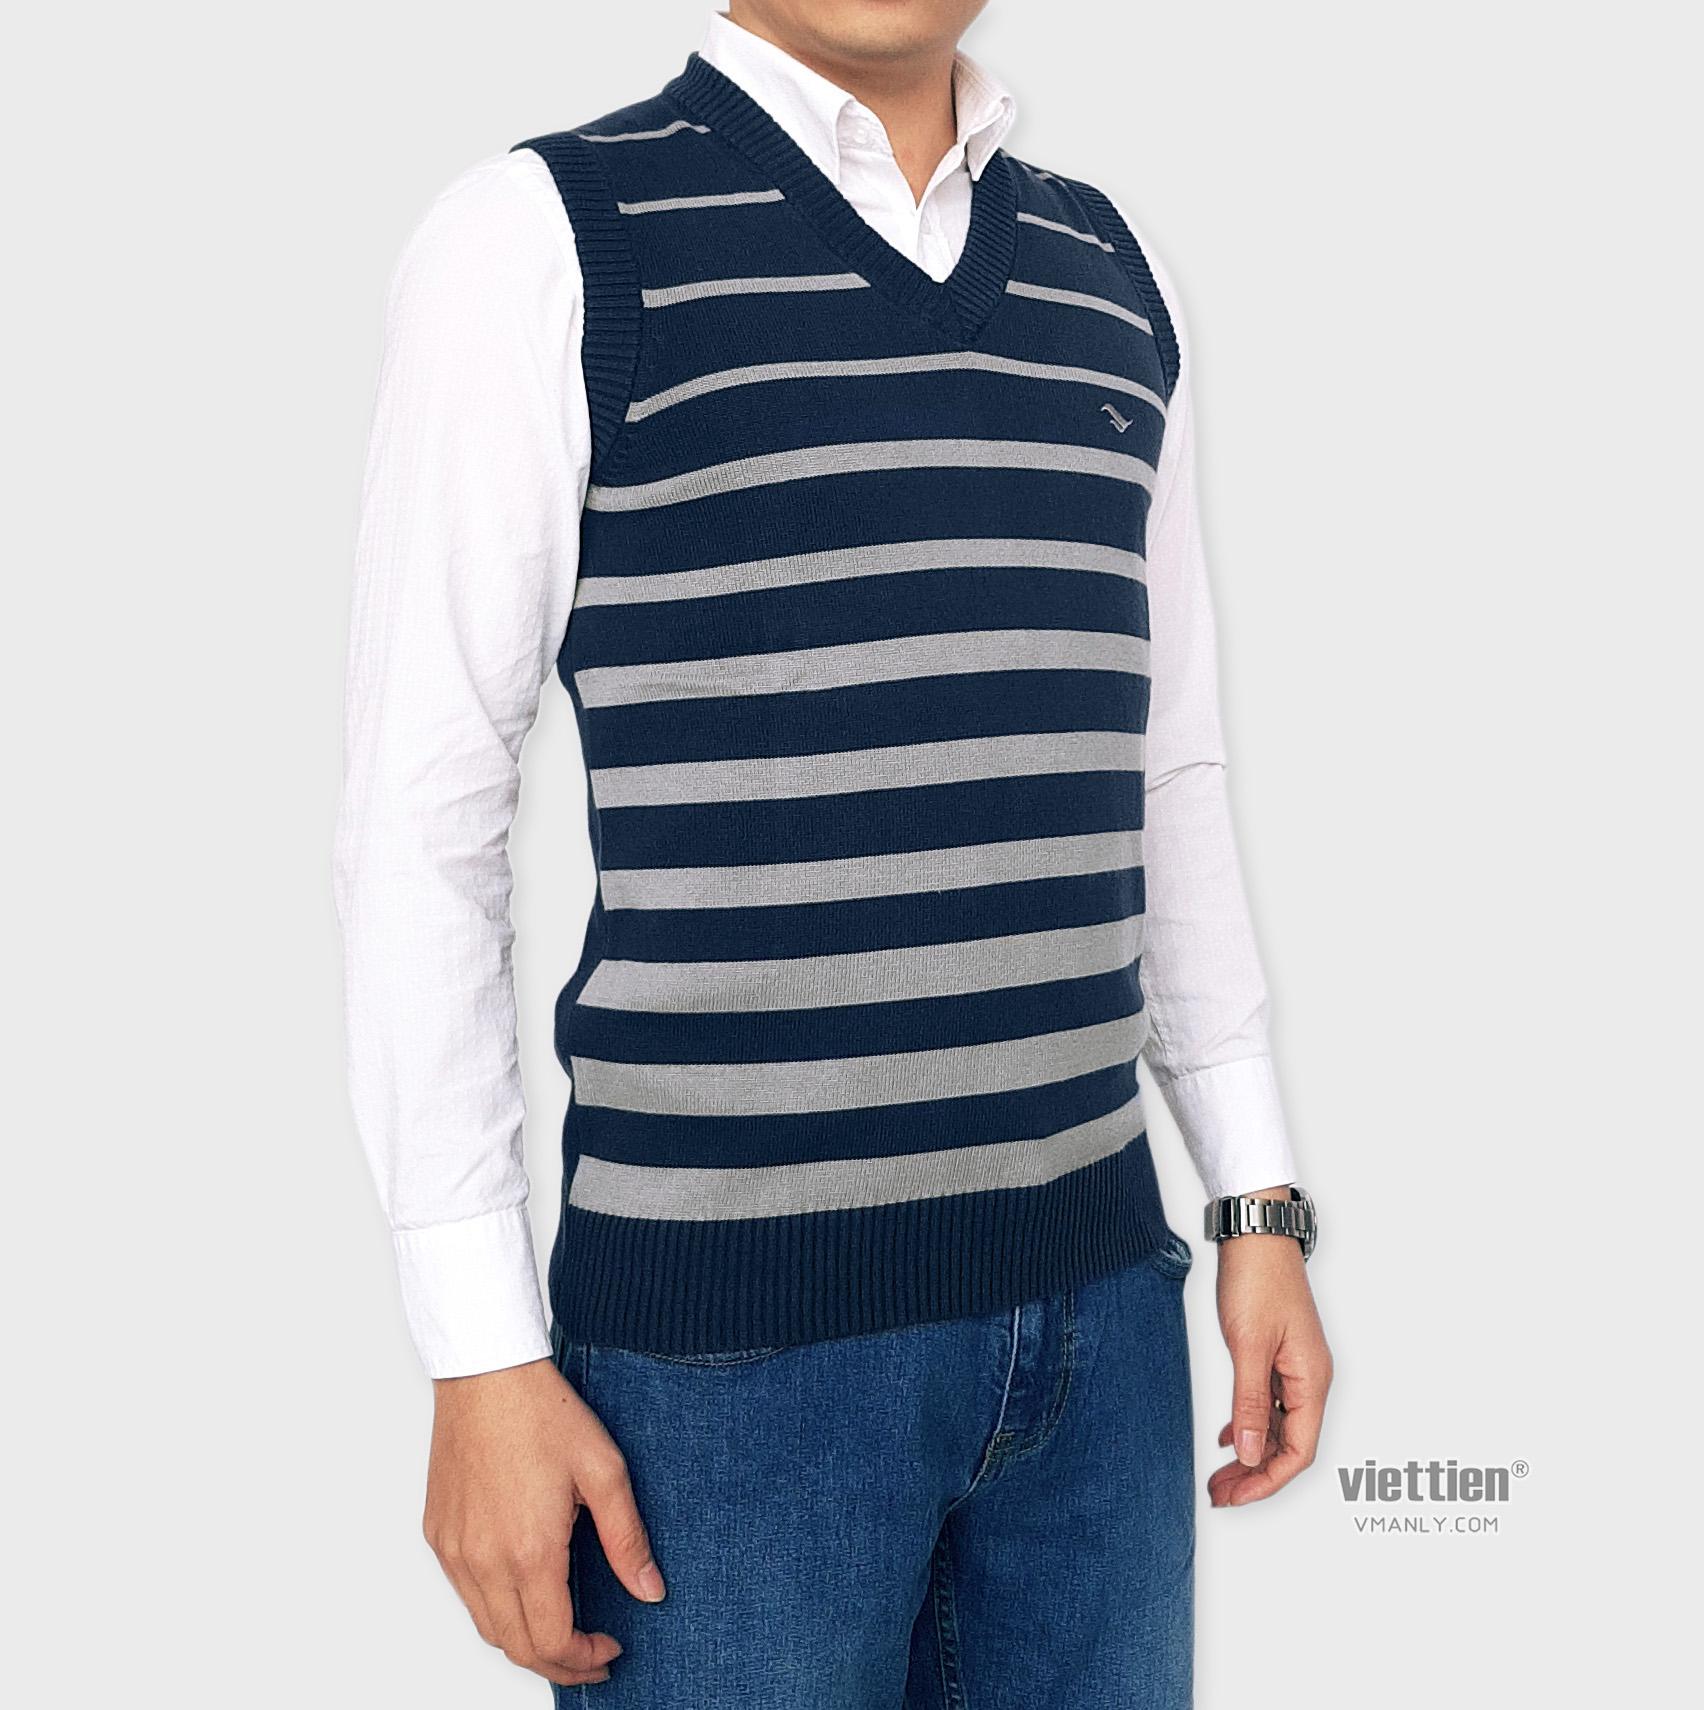 Áo len gile Việt Tiến cổ tim màu xanh sọc xám 6F9023CH3/GL